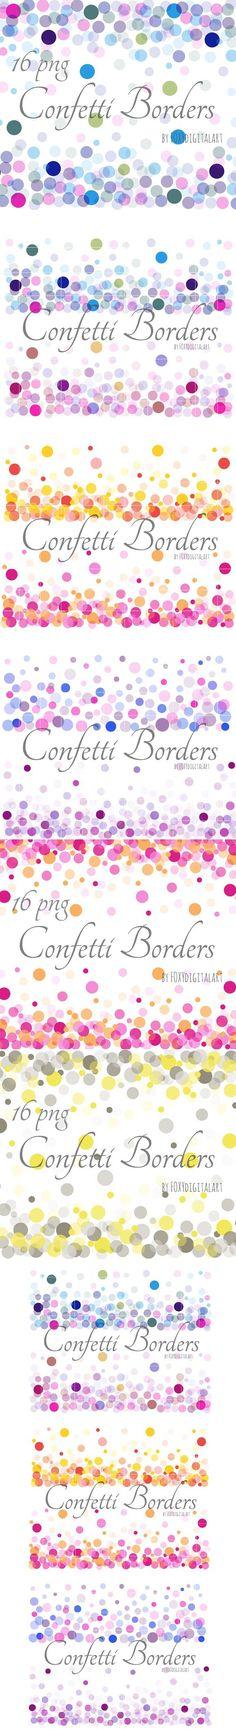 Confetti Borders Confetti Background. Patterns